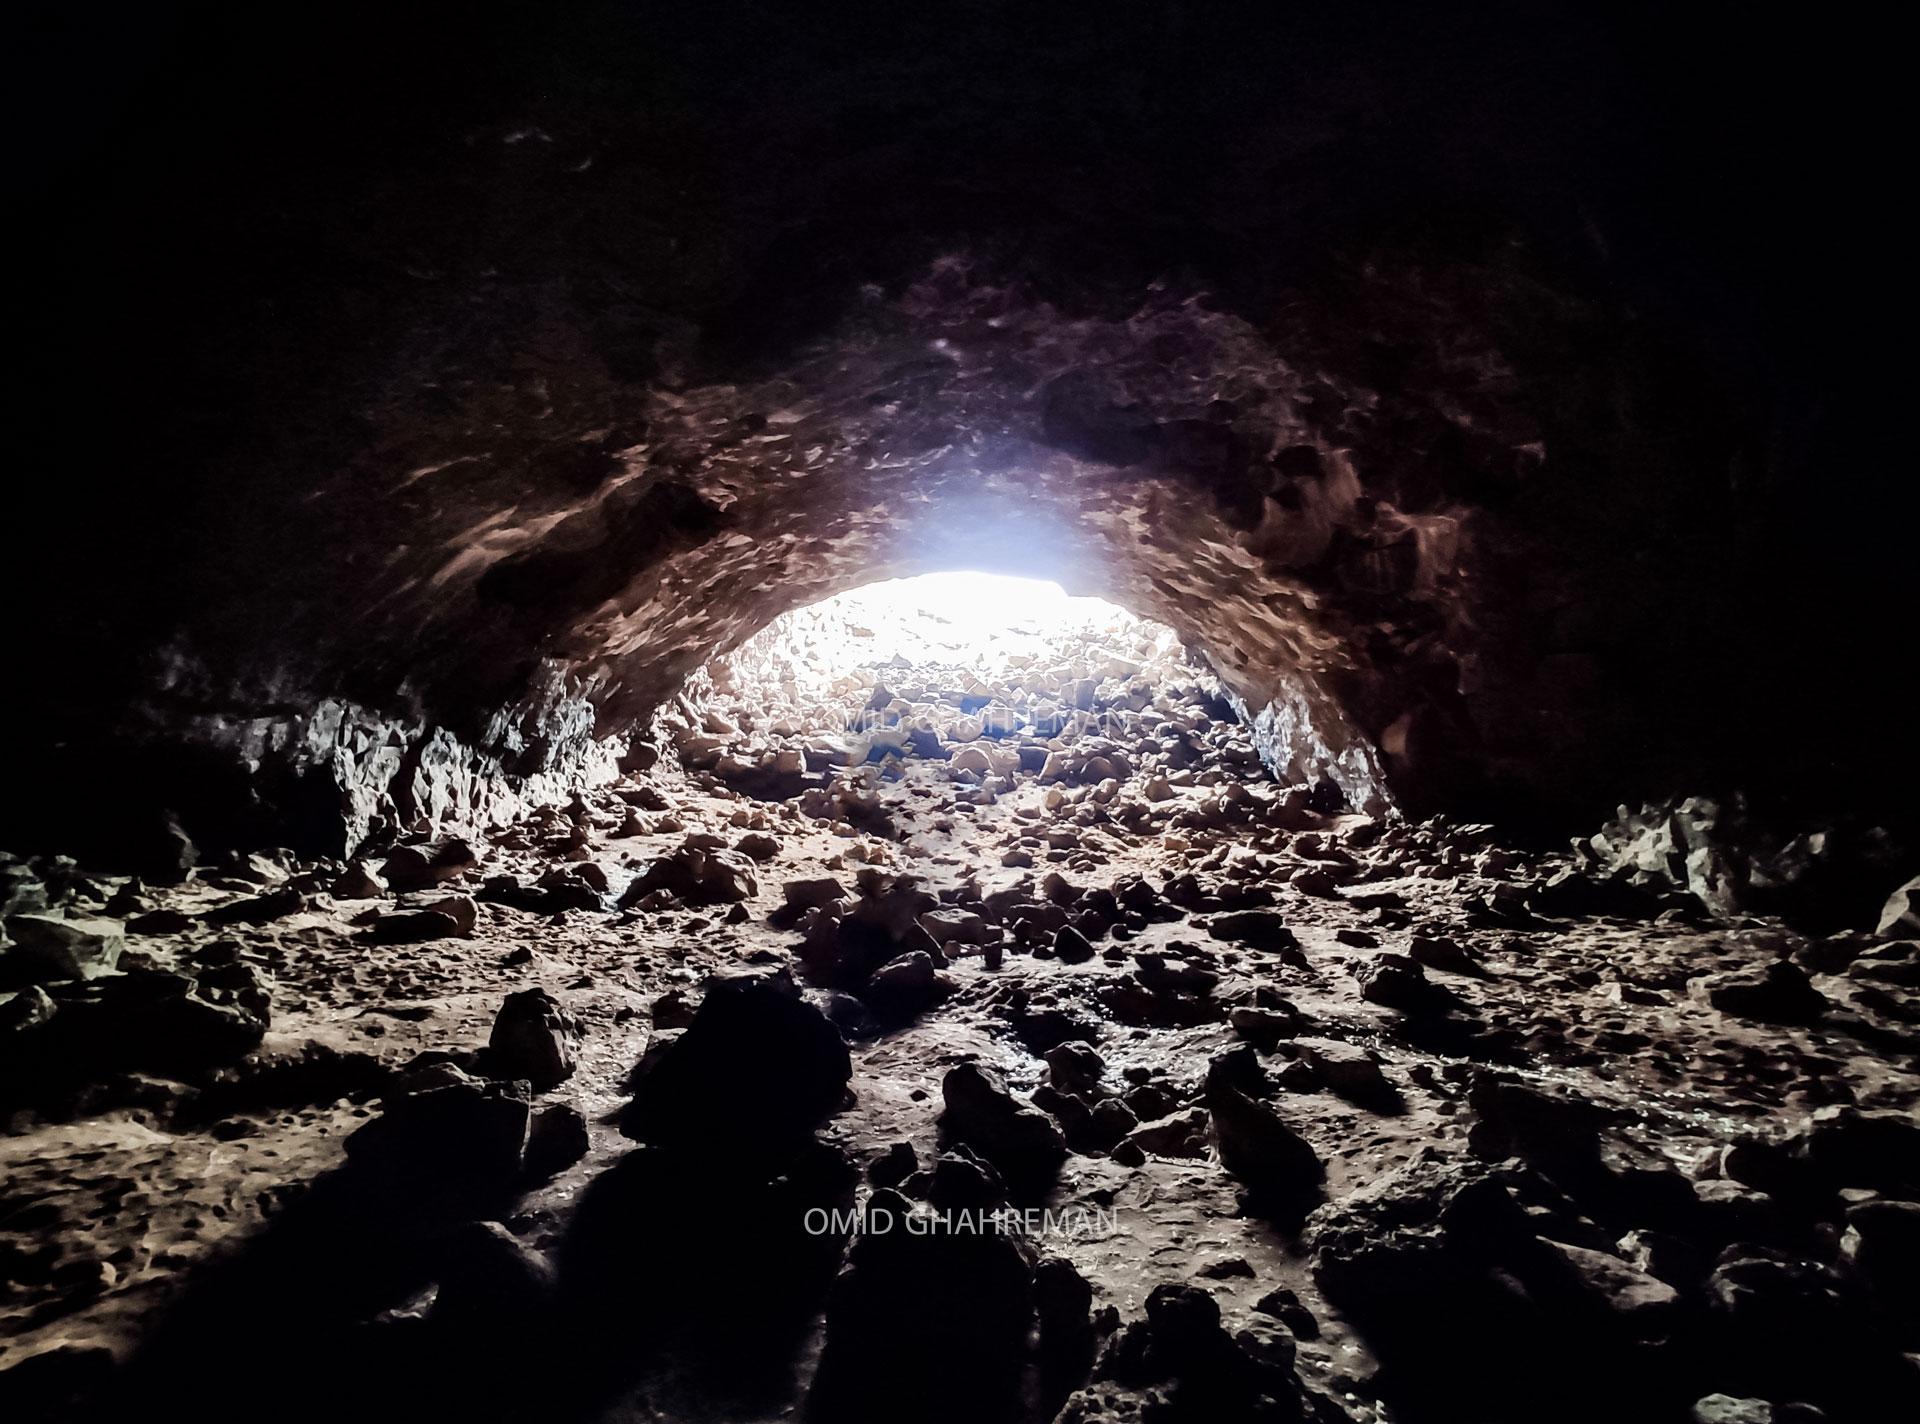 LavaTube Govarchin Cave غار تونلی آتش فشانی در روستای بابور